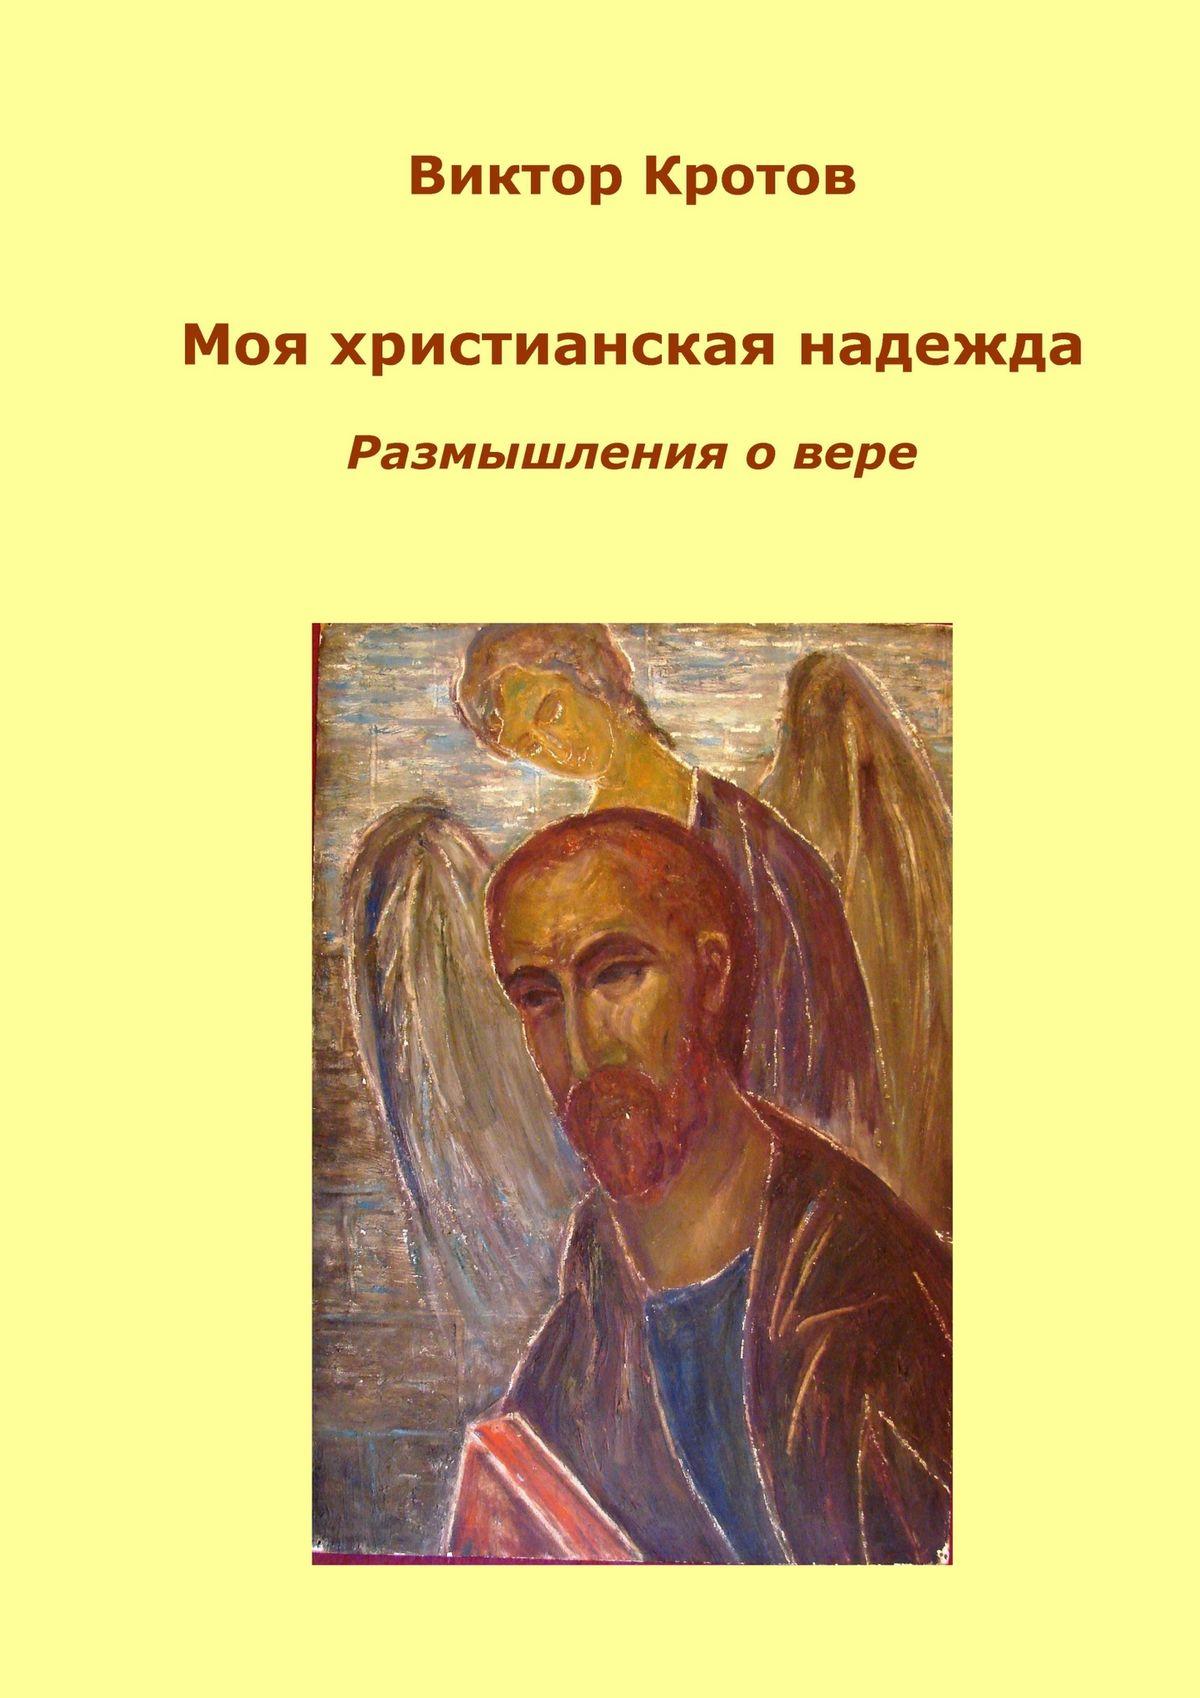 Виктор Кротов Моя христианская надежда. Размышления о вере